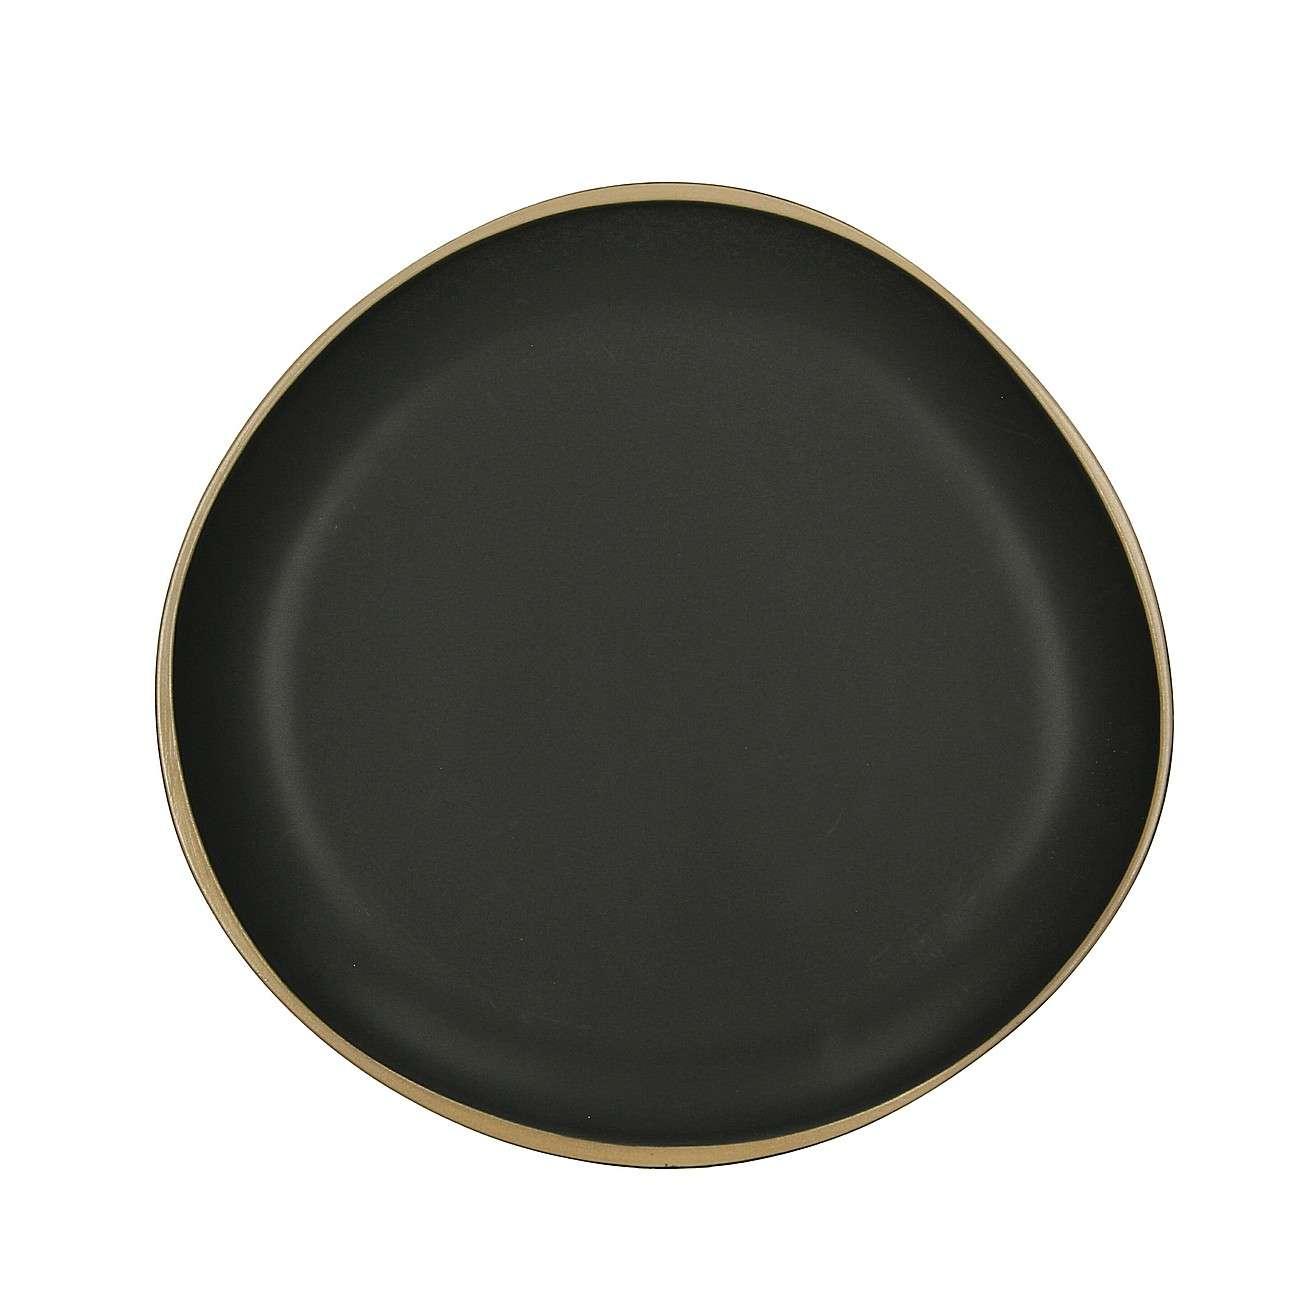 Teller Galloway 26 cm, 26 cm  | Küche und Esszimmer > Besteck und Geschirr > Geschirr | Matt - Schwarz | Dekoria